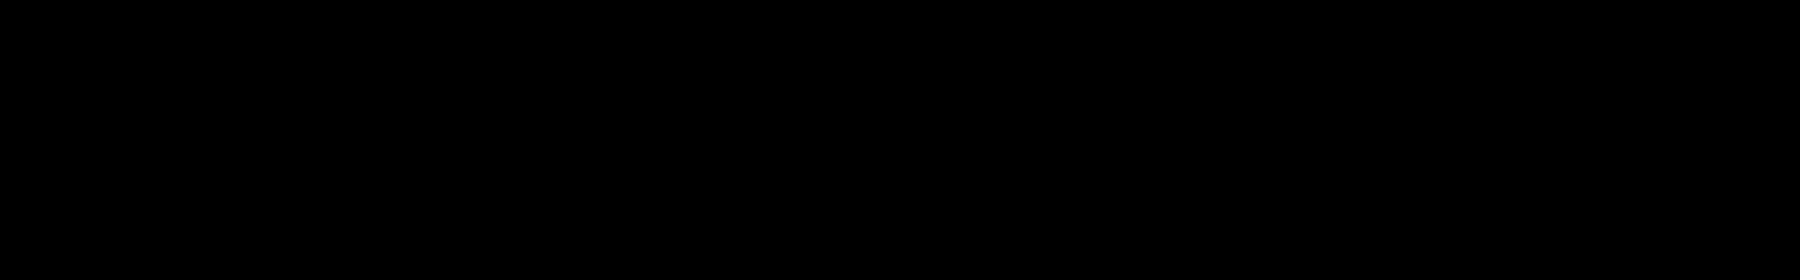 Lazer FX audio waveform